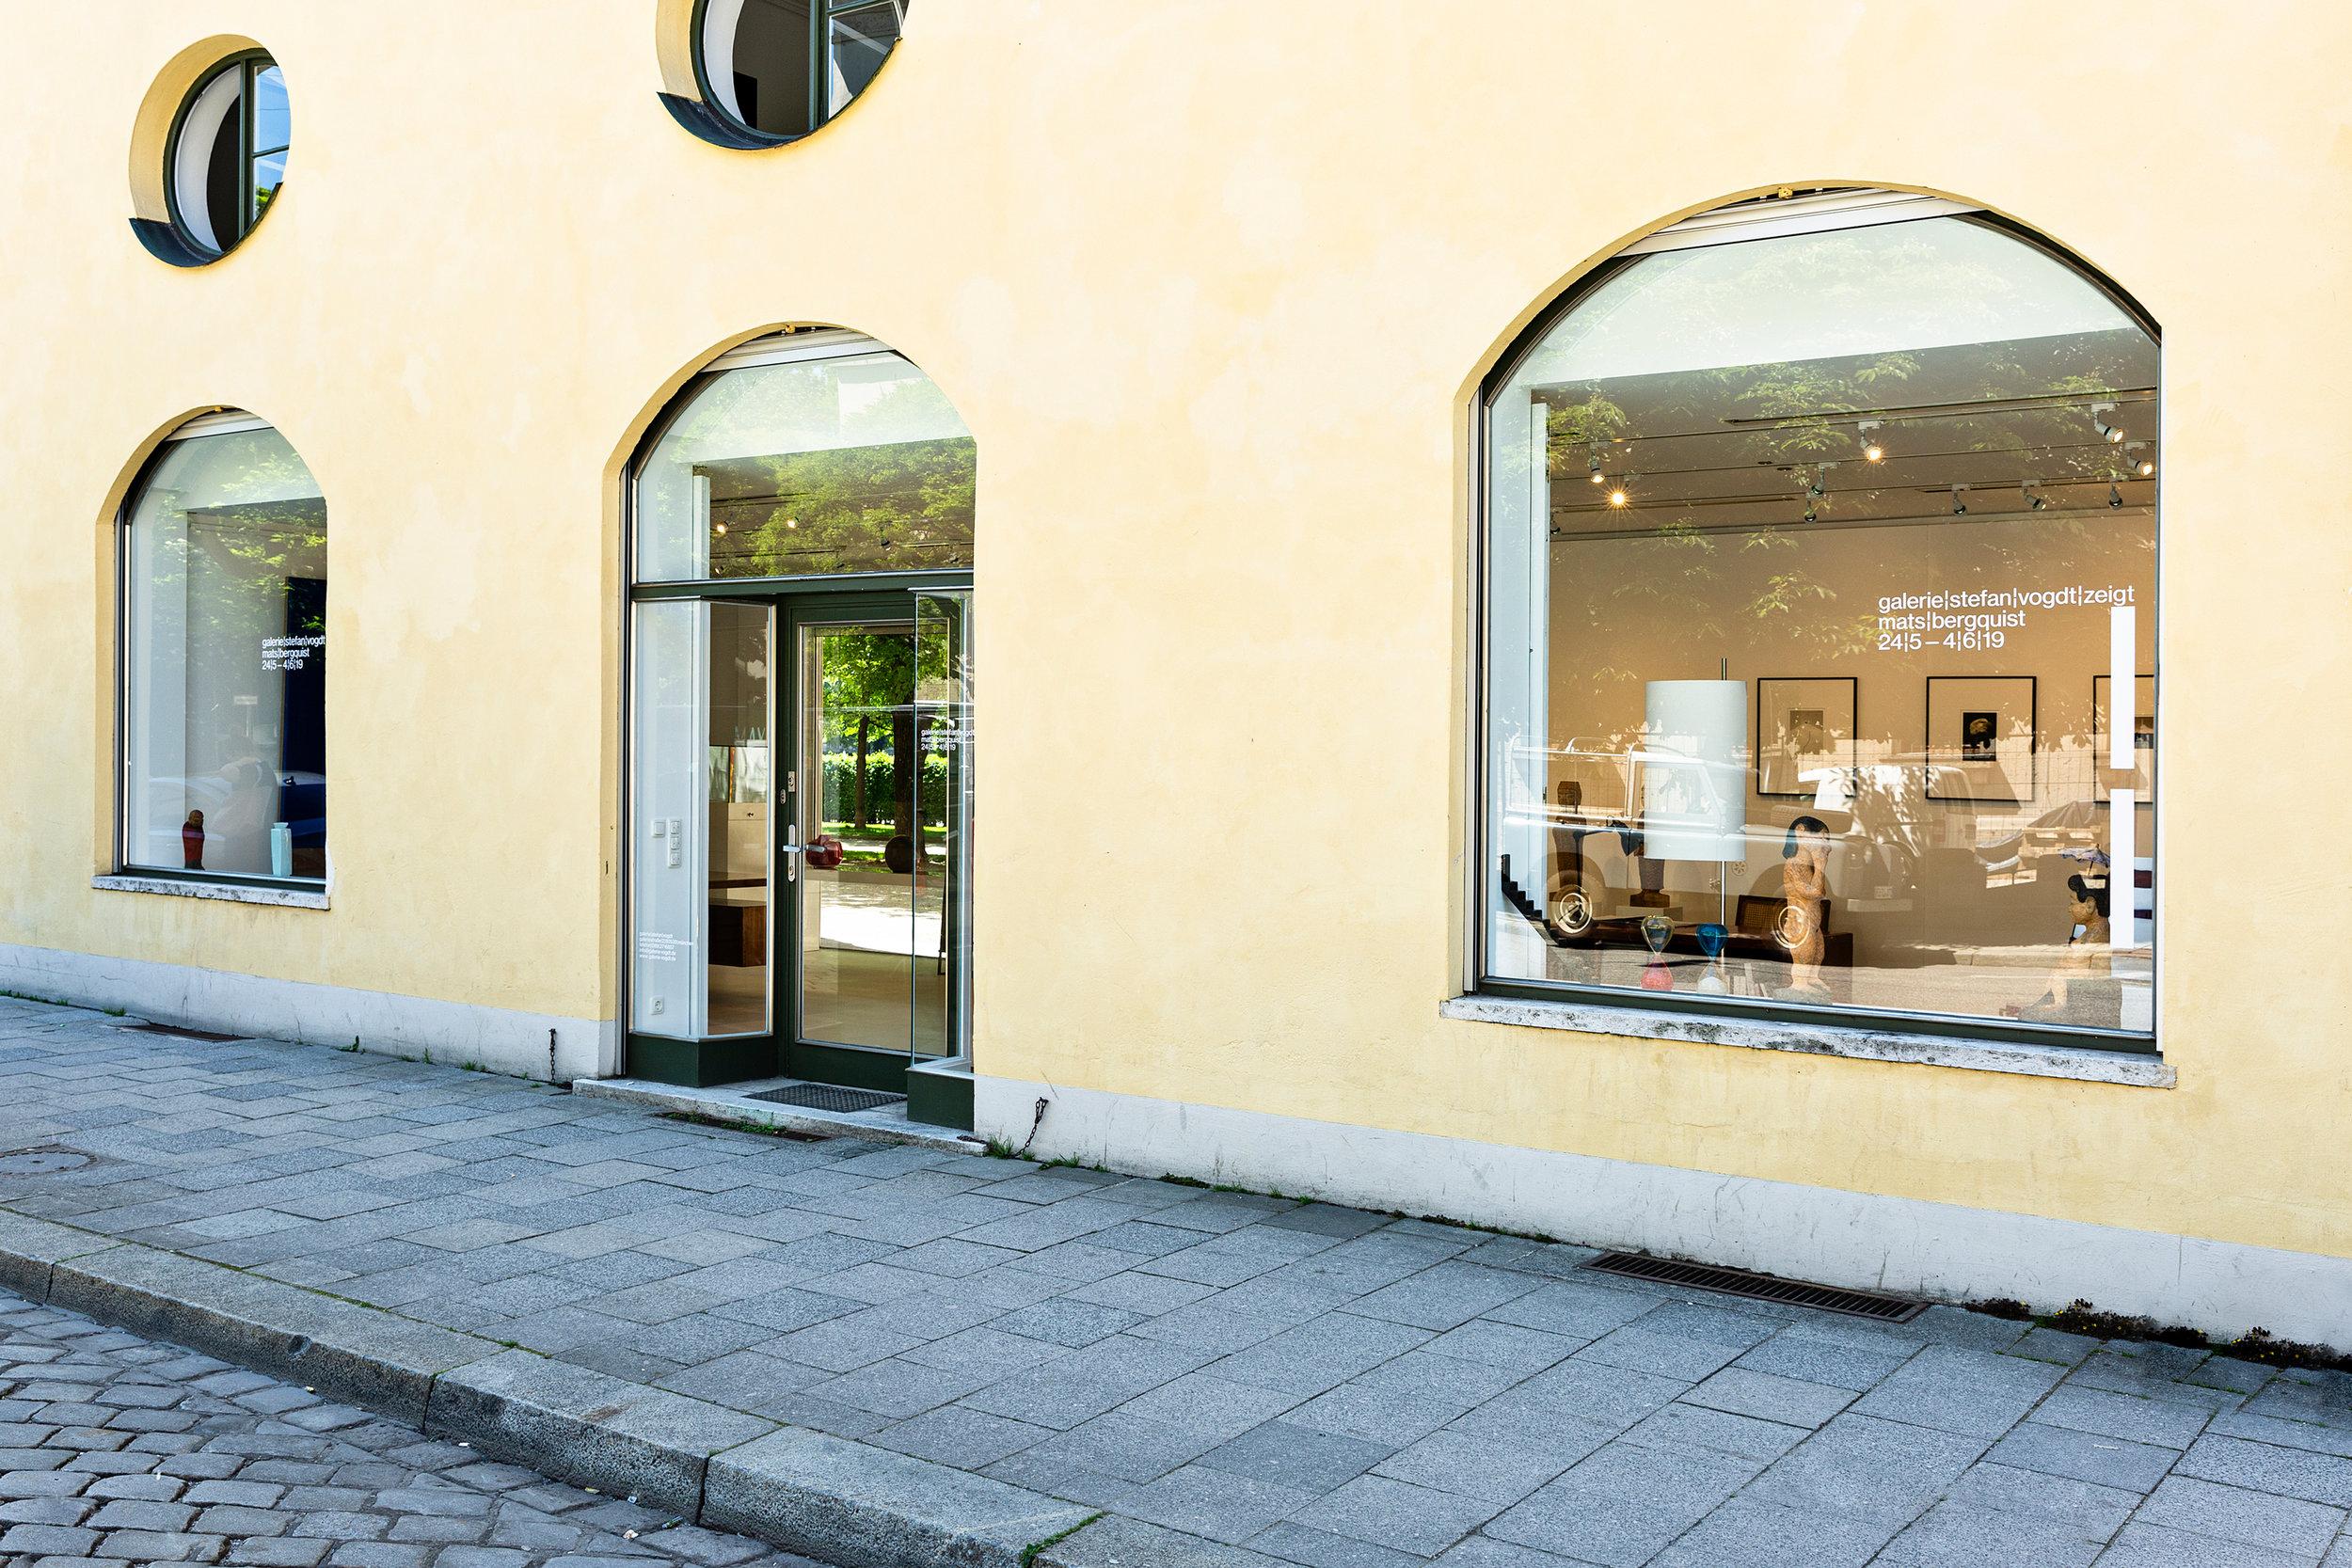 Außenansicht der Galerie Stefan Vogdt in der Galeriestraße 2 in München , 2019 Foto: Francesco Giordano